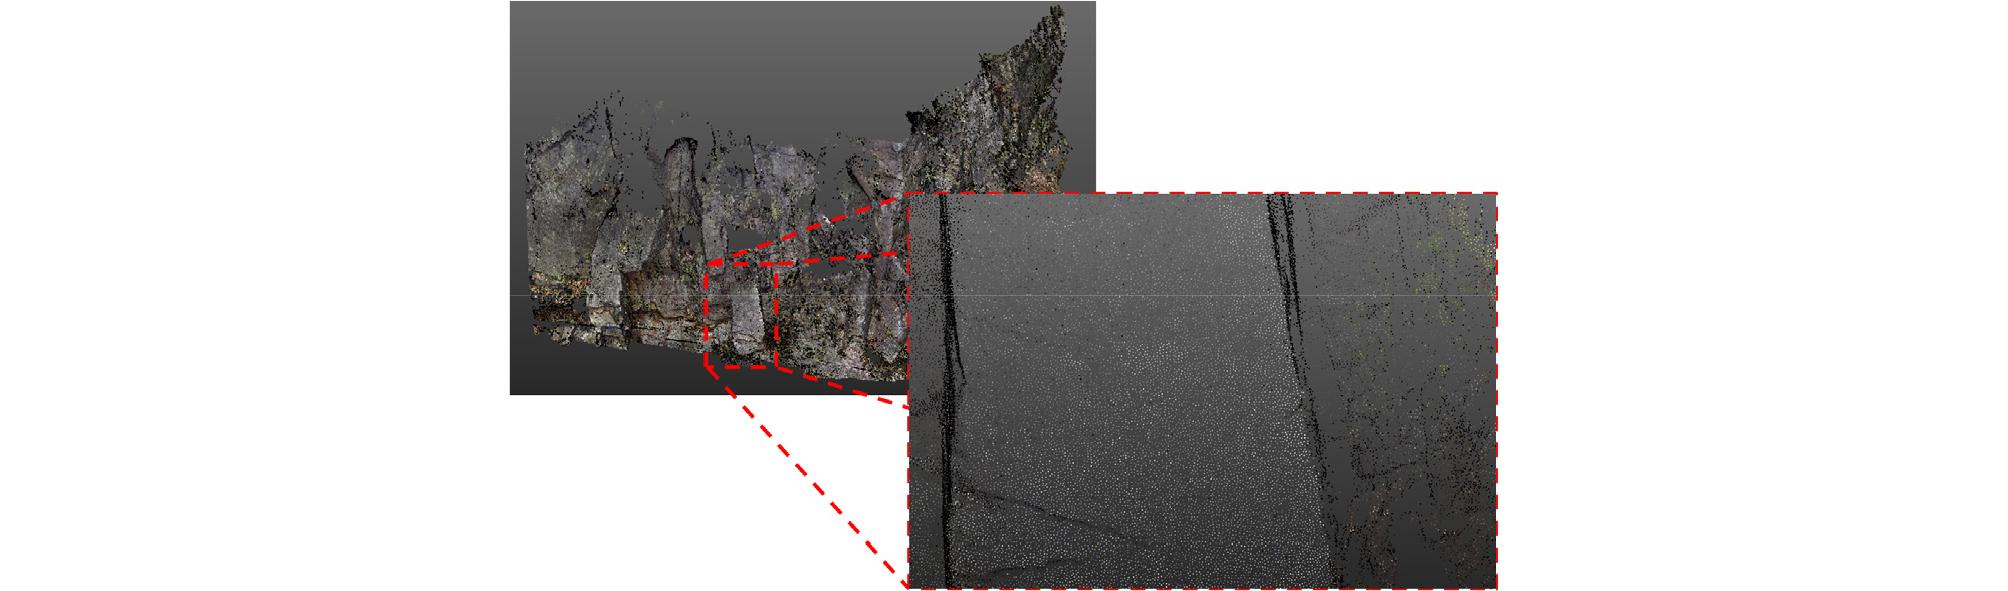 http://static.apub.kr/journalsite/sites/kseg/2019-029-03/N0520290305/images/kseg_29_03_05_F8.jpg